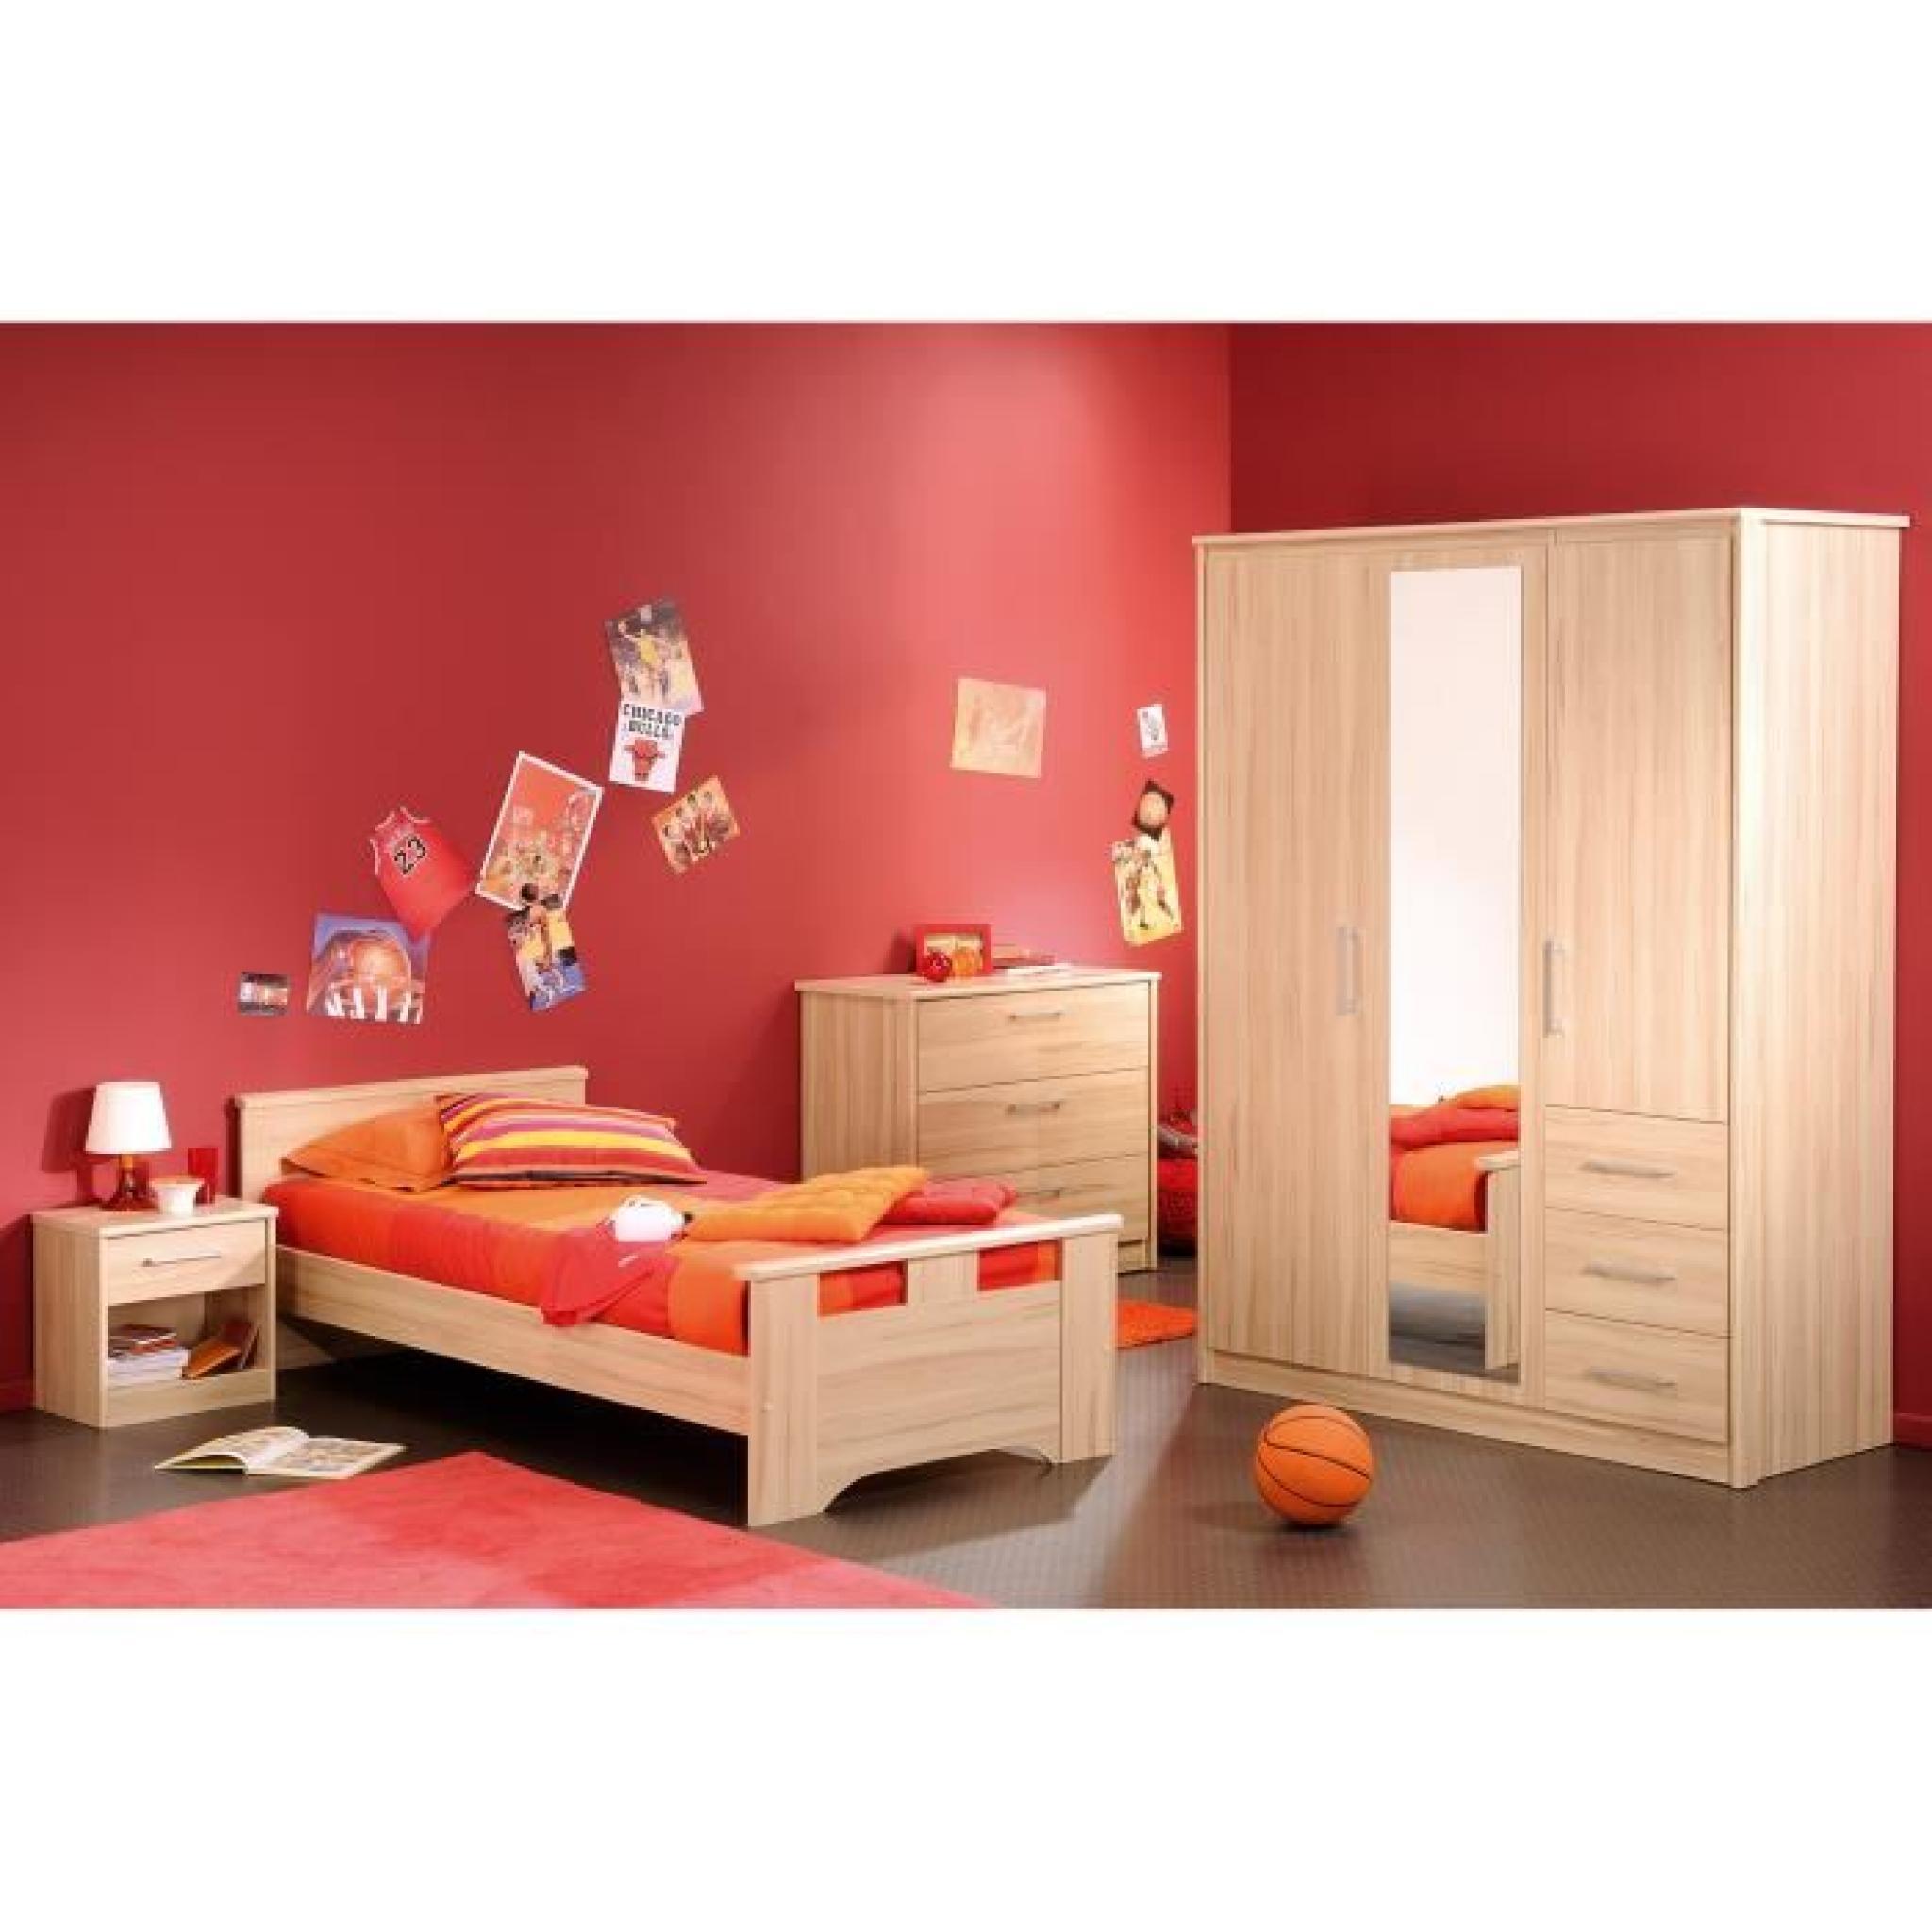 goupil chambre enfant goupil h tre canyon achat vente chambre complete pas cher couleur et. Black Bedroom Furniture Sets. Home Design Ideas